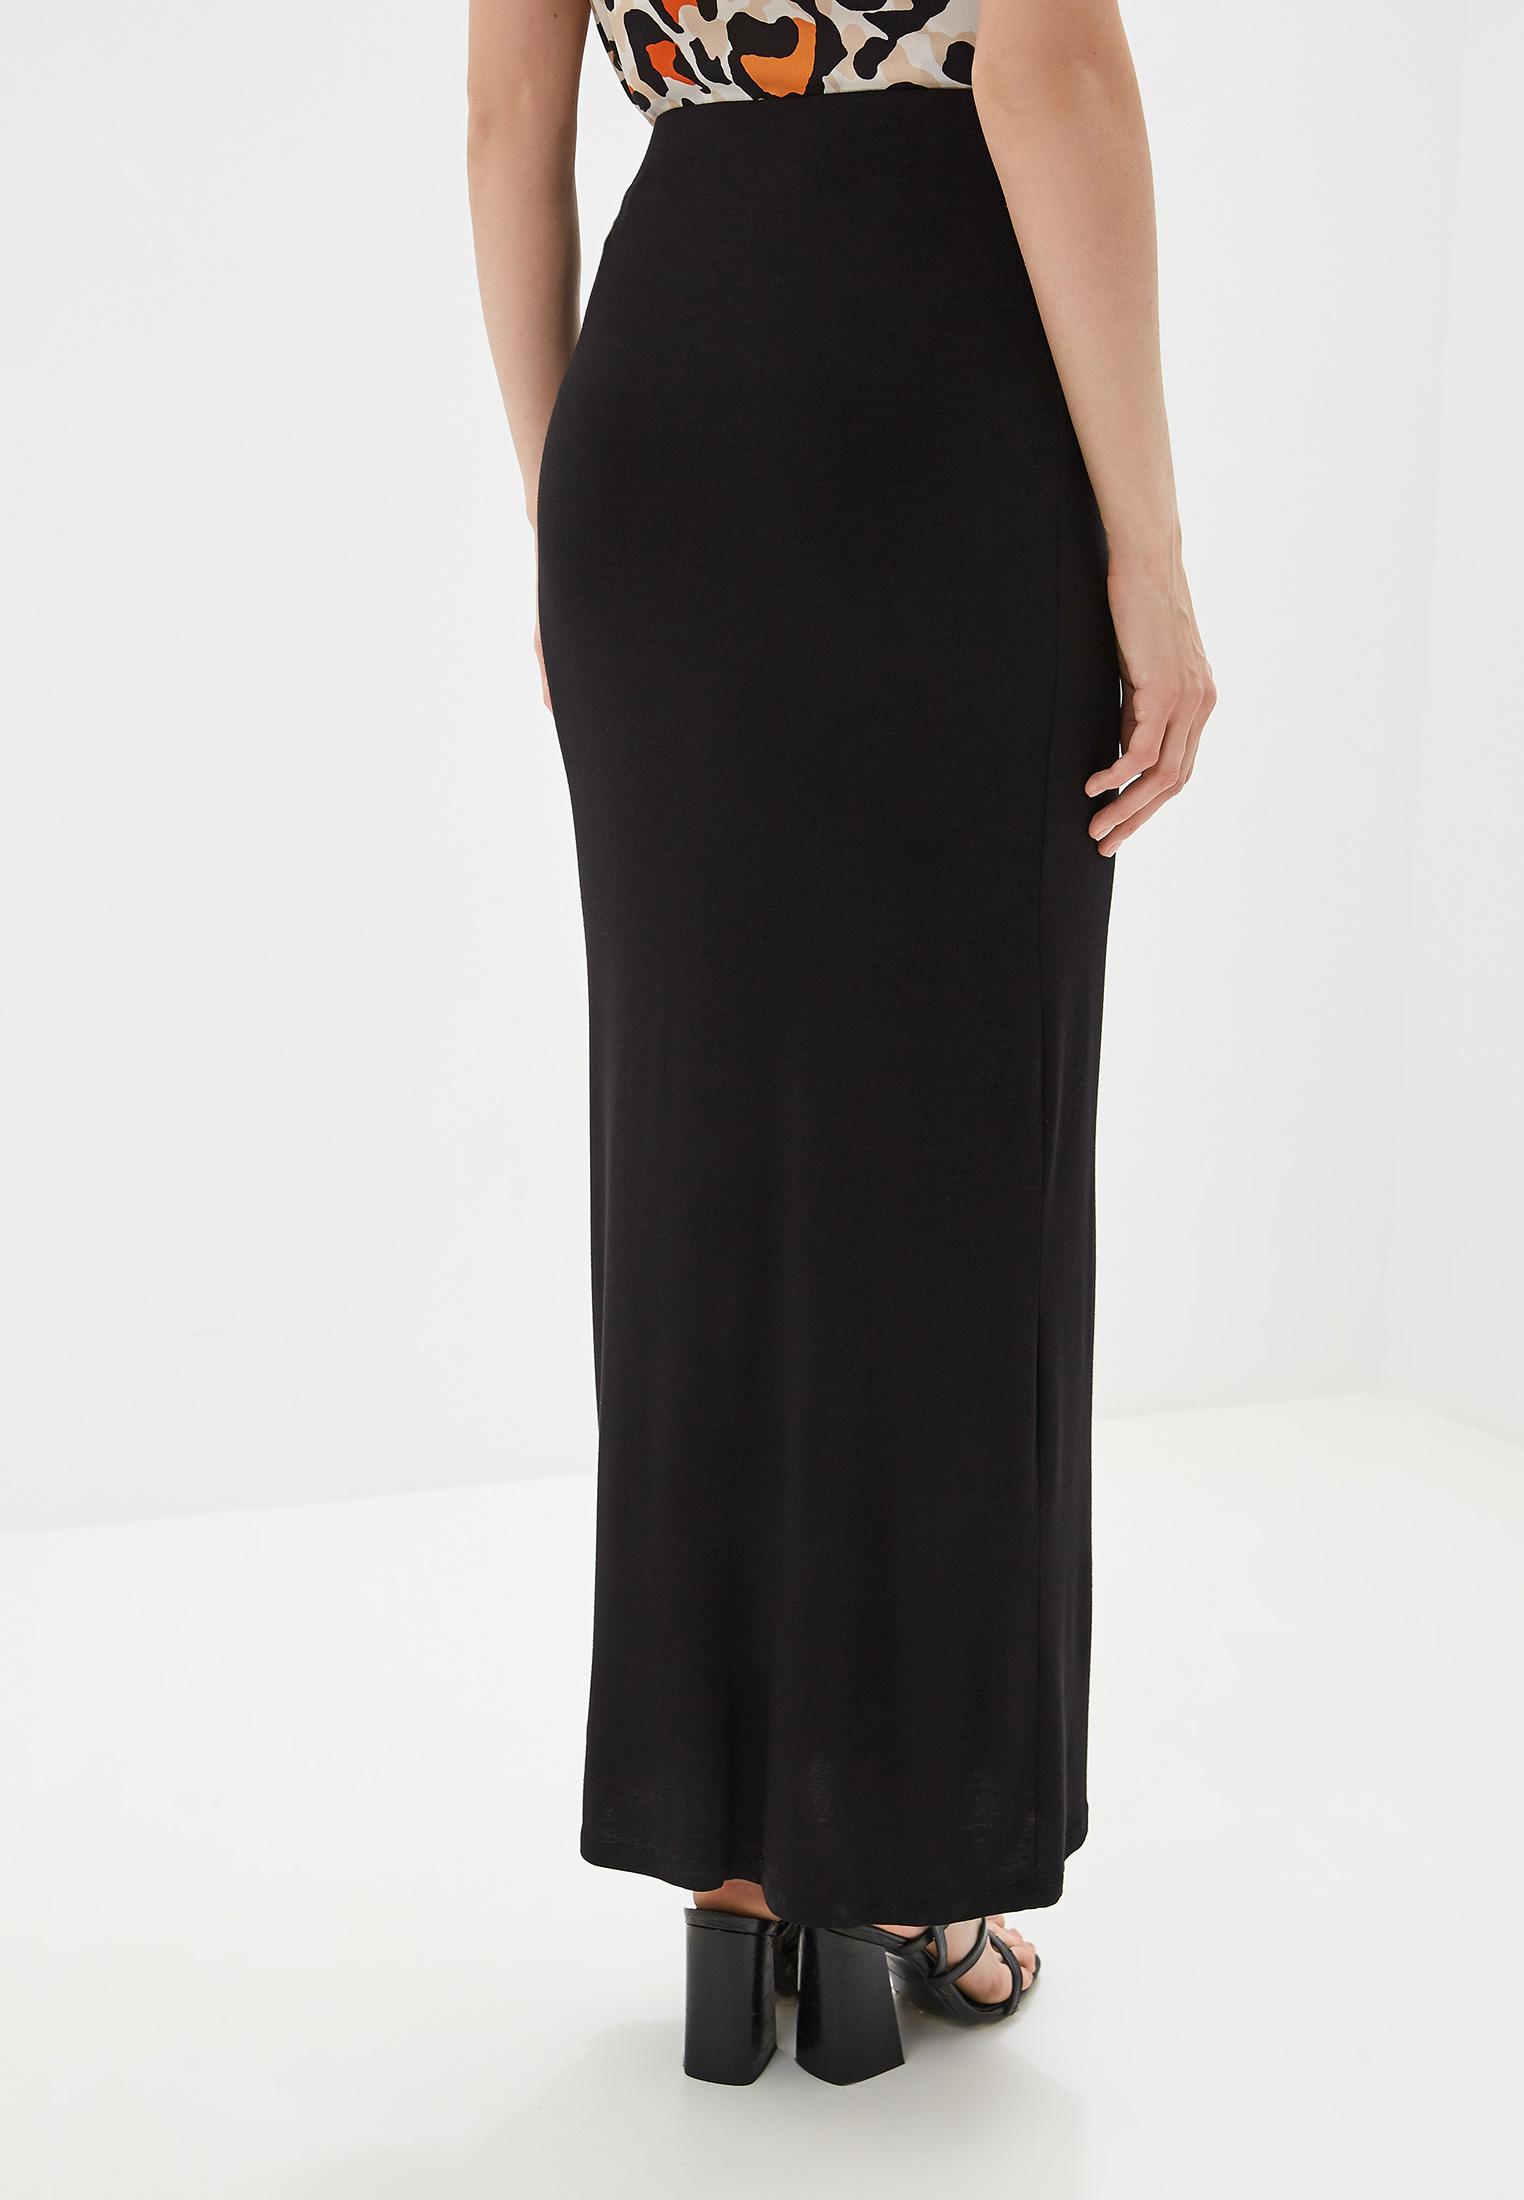 Прямая юбка Dorothy Perkins (Дороти Перкинс) 14233513: изображение 3